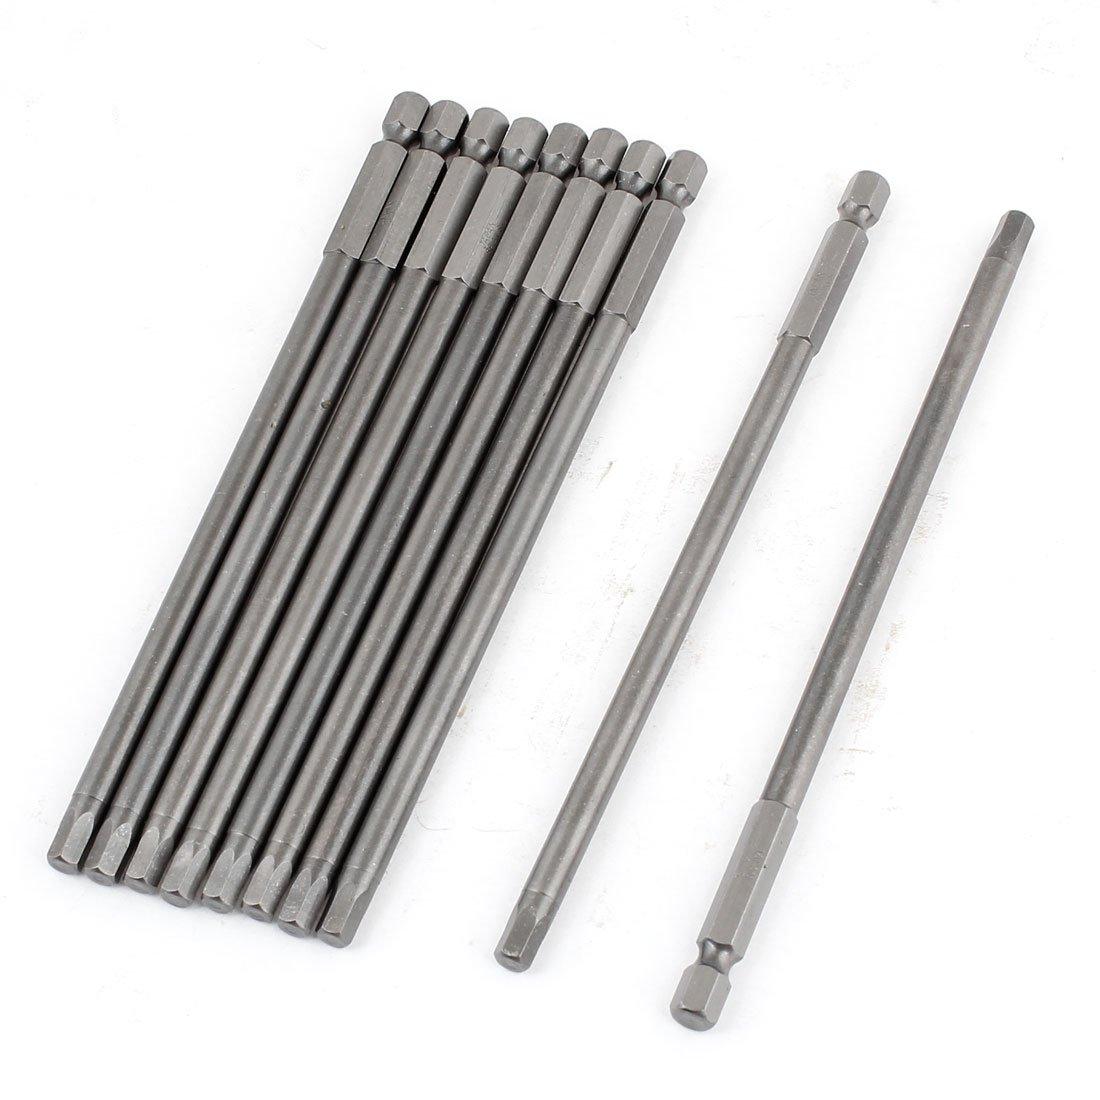 X-Dr 10 Pcs 5m/_m Tip 5.9i/_n Length Magnetic Hex Head Screwdriver Bits 5635b1b9-a222-11e9-8d7c-4cedfbbbda4e